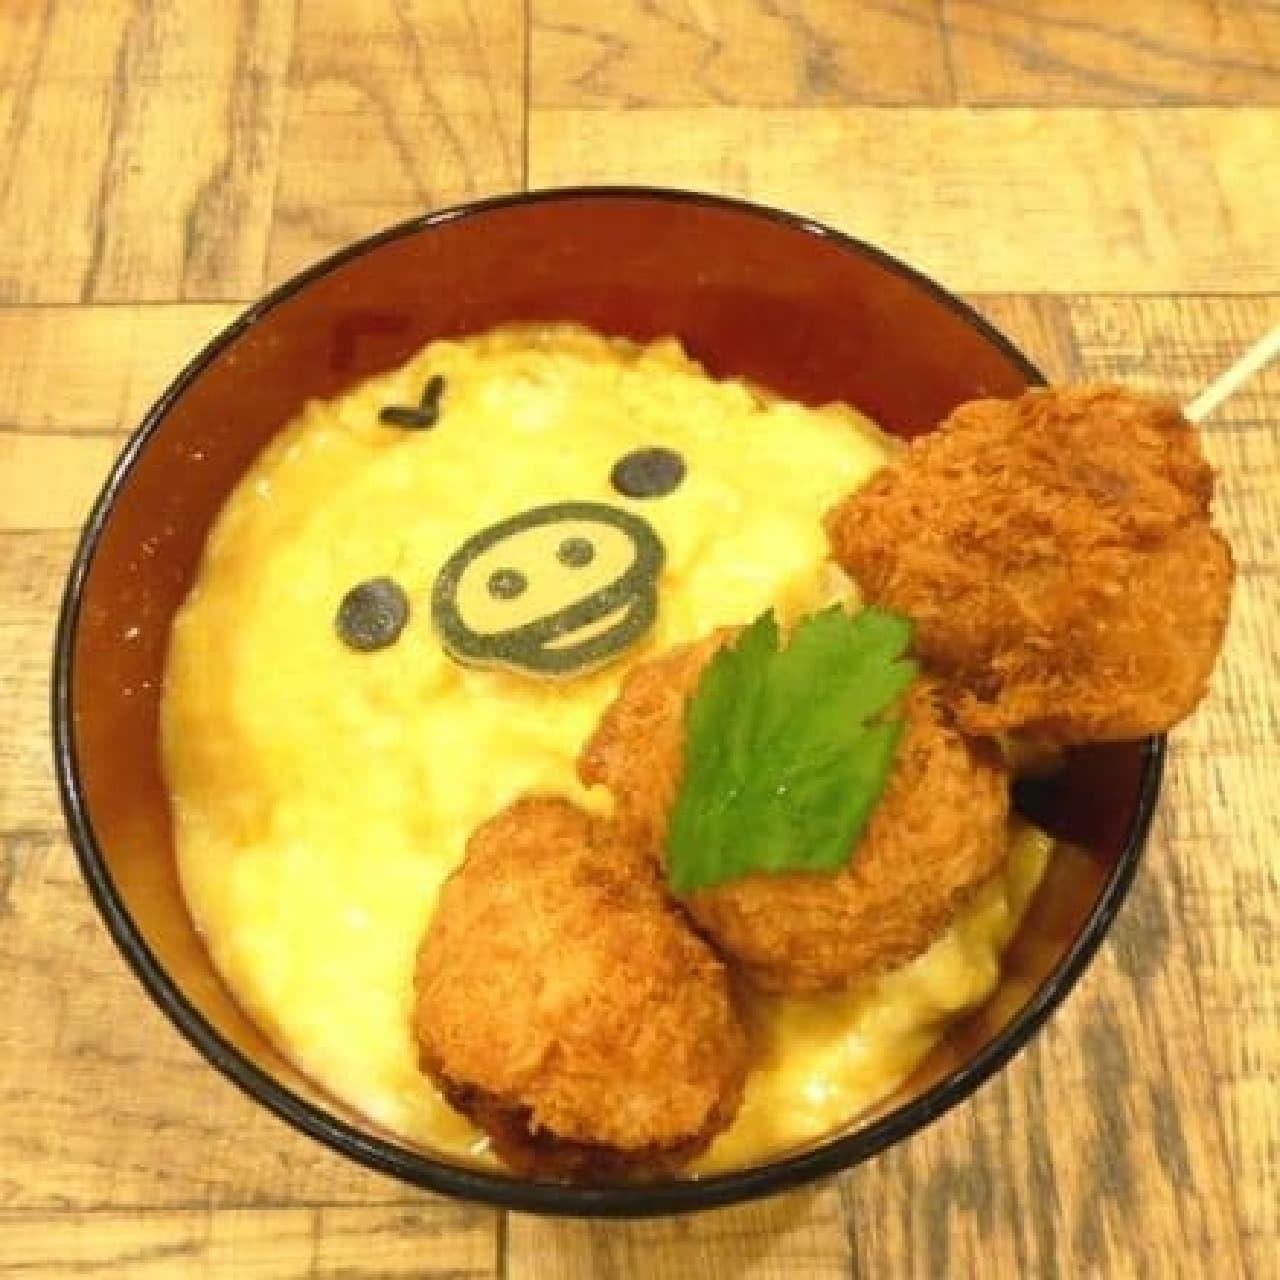 リラックマ×TOWER RECORDSキャンペーン2016、RILAKKUMA×TOWER RECORDS CAFE表参道店「キイロイトリのカツ丼」